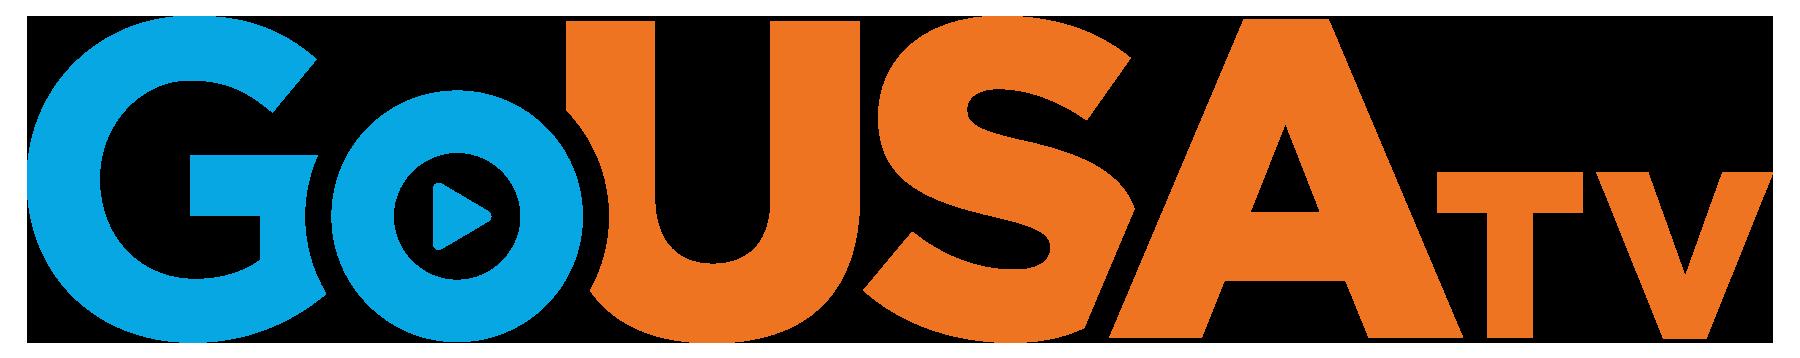 gousa_logo_color